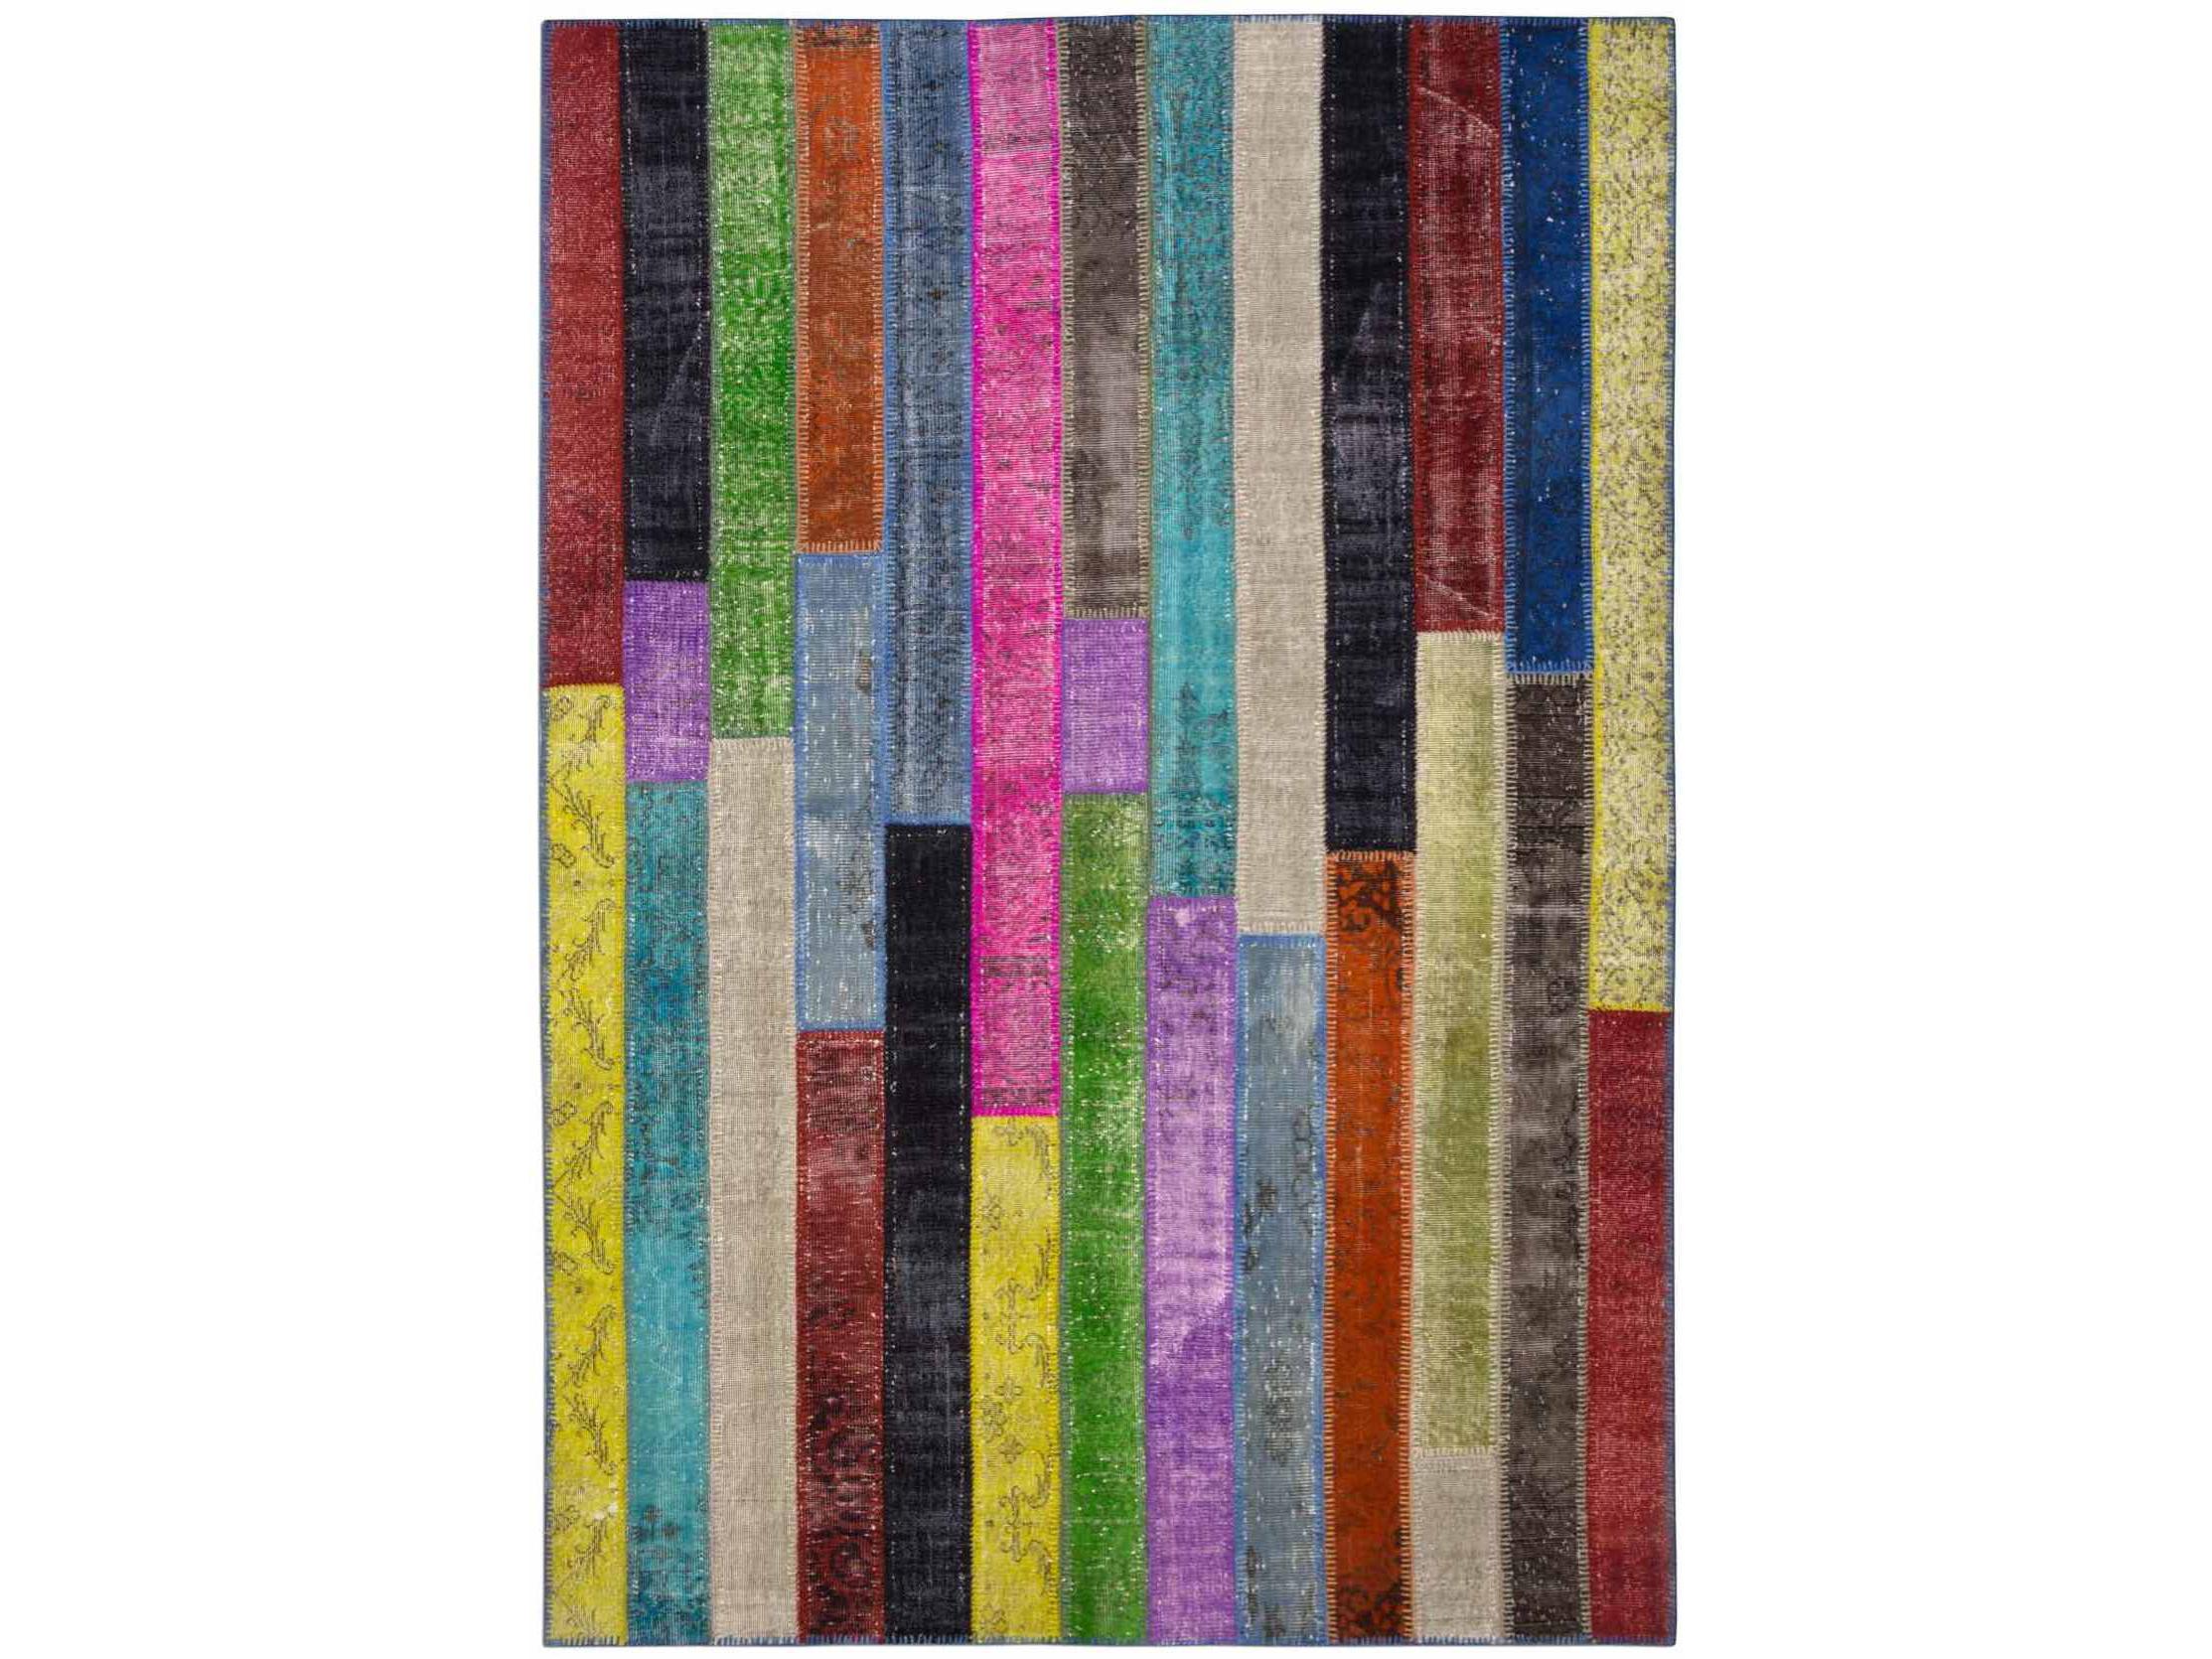 Ковер PatchworkПрямоугольные ковры<br>Винтажный ковер ручной работы в стиле &amp;quot;пэчворк&amp;quot; <br>из 100% шерсти. Ковер прекрасно подходит в <br>любые современные и классические интерьеры, <br>а благодаря тощине ковра всего 5 мм. и отсутствию <br>ворса, его легко чистить любыми видами пылесосов. <br>Этот настоящий ковер ручной работы не потеряет <br>своих красок и будет служить десятилетия.<br><br>Material: Шерсть<br>Ширина см: 208.0<br>Глубина см: 302.0